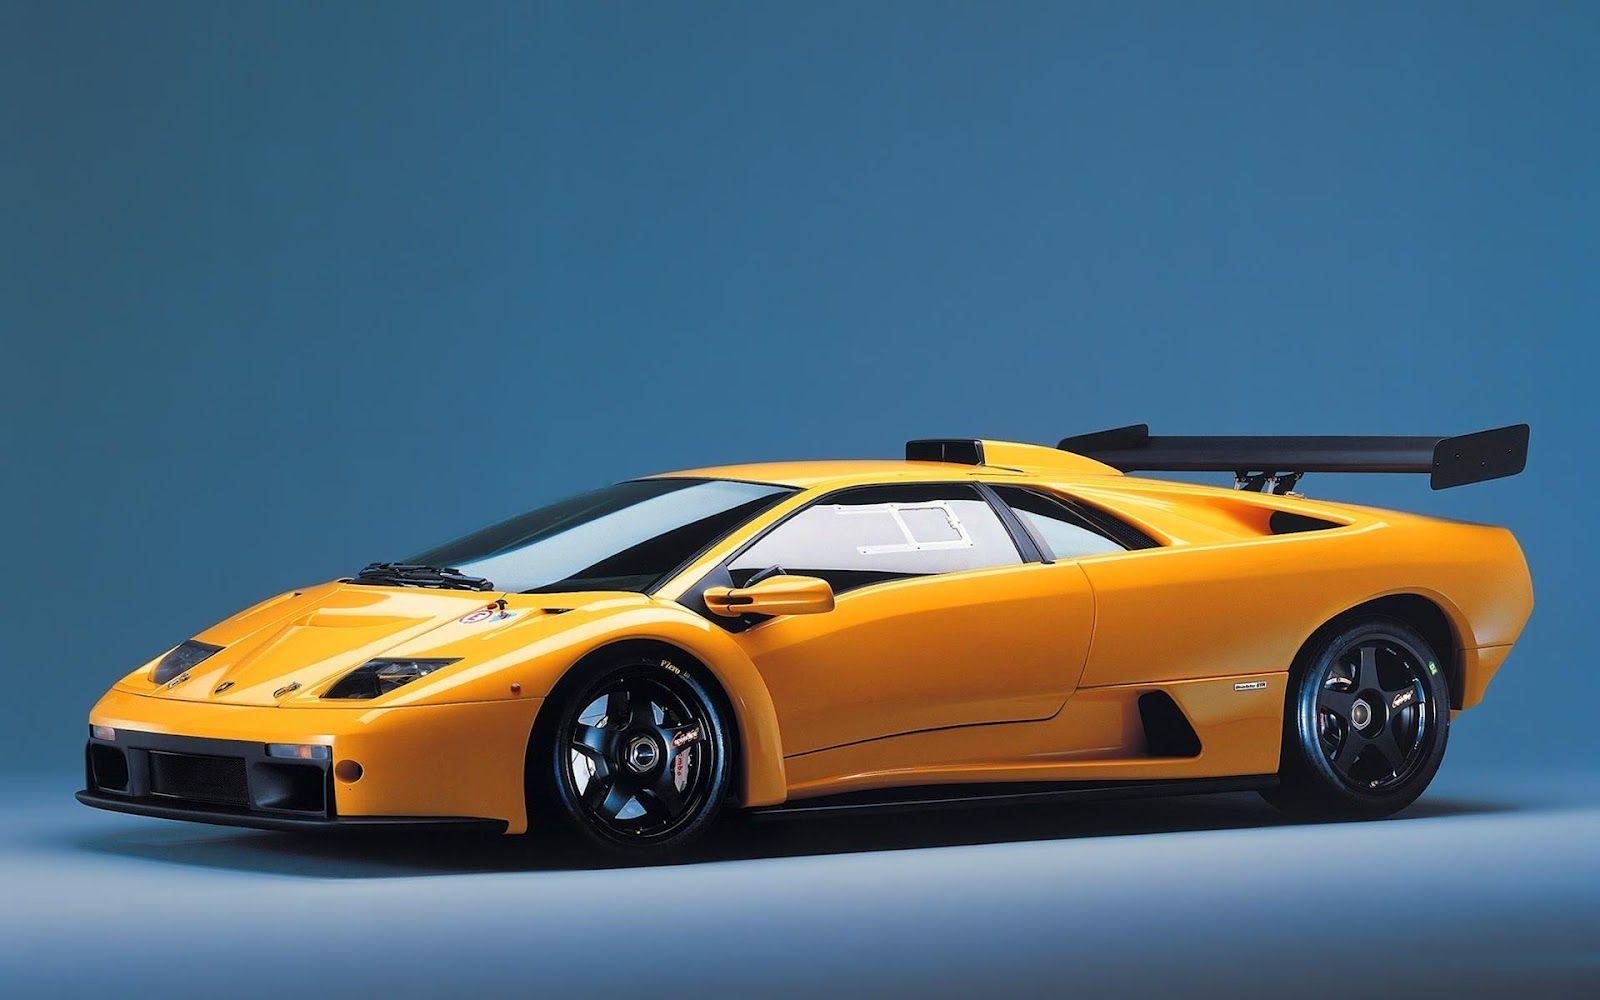 Lamborghini Diablo Lamborghini Diablo Yellow Imagenes De Fondo De